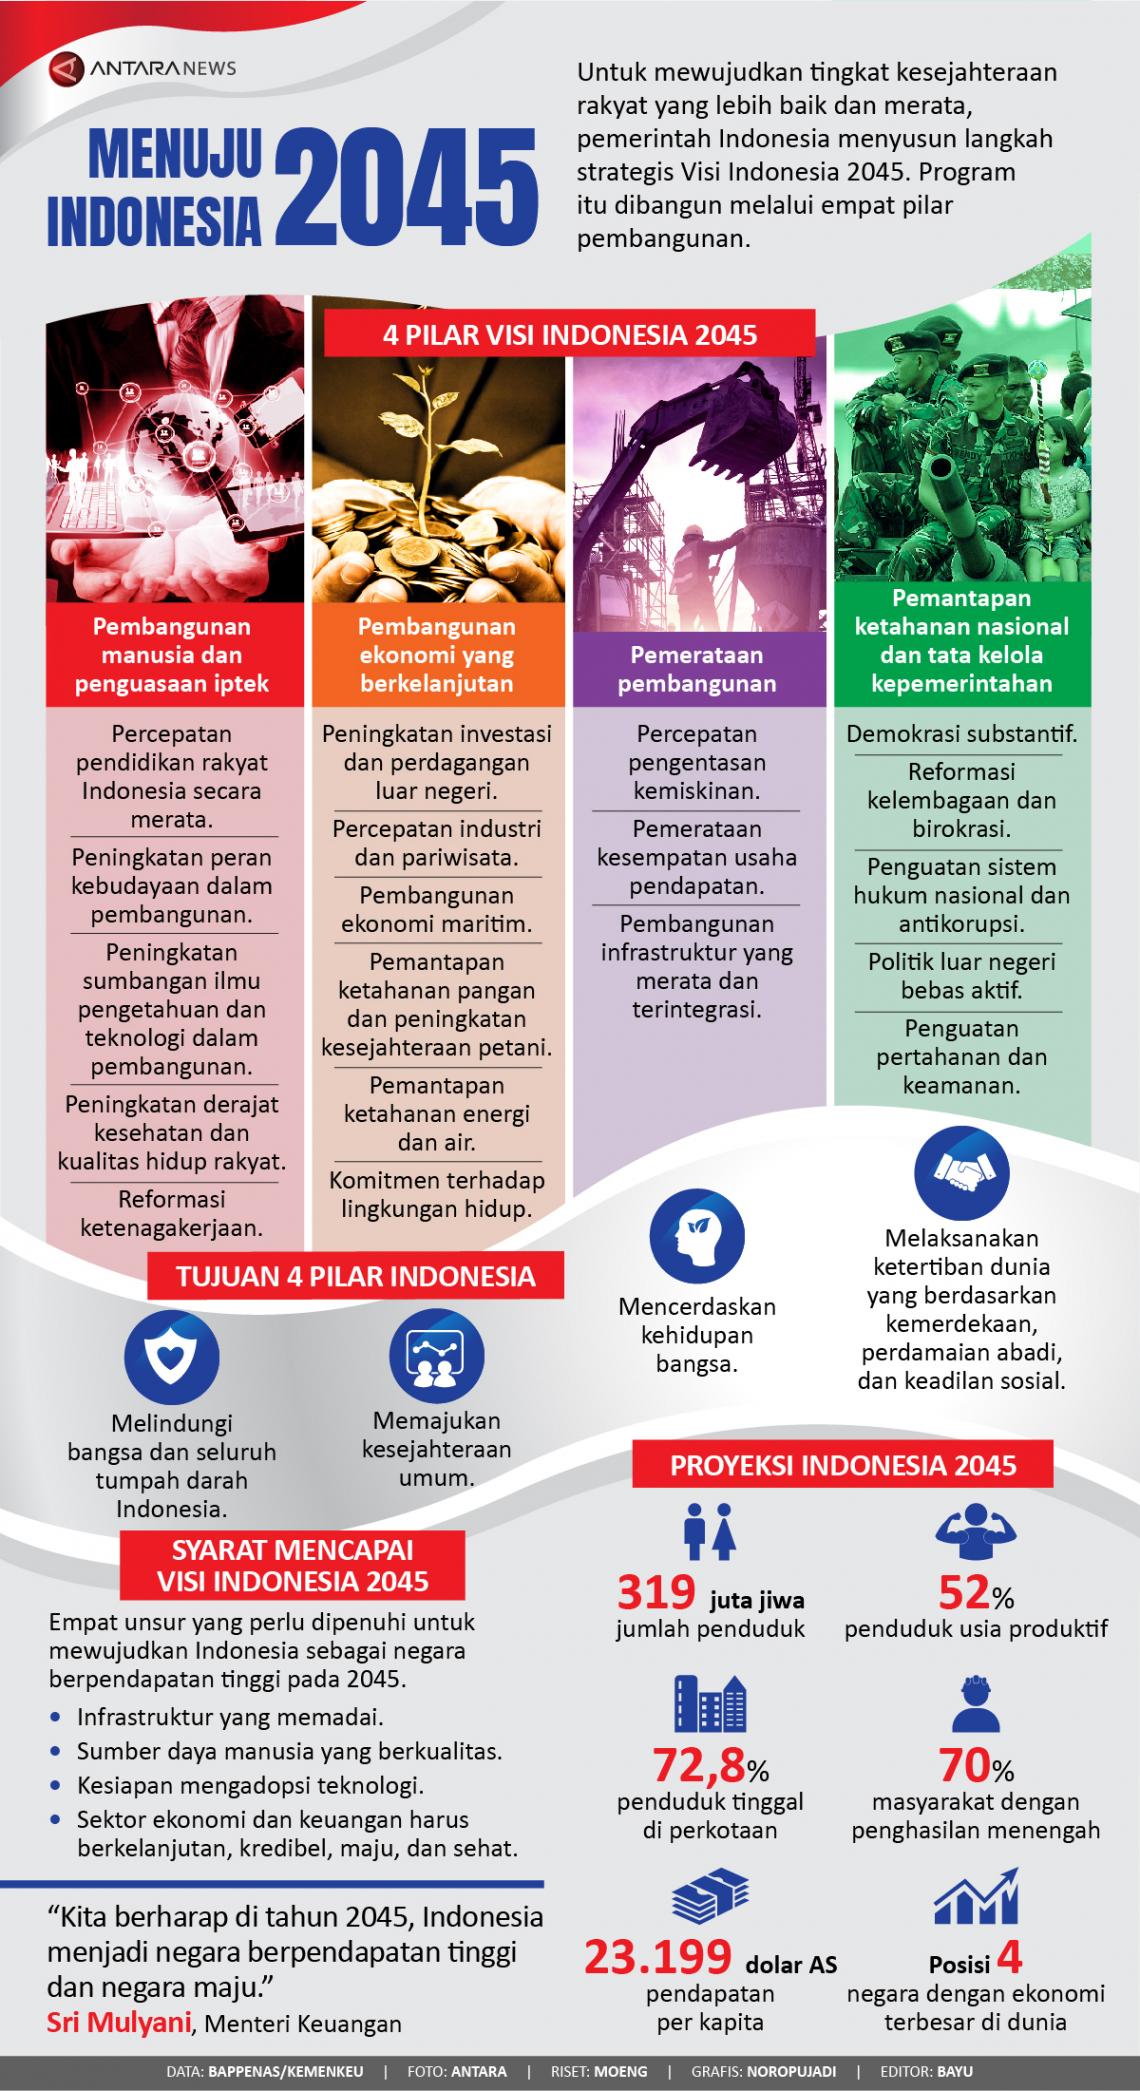 Menuju Indonesia 2045